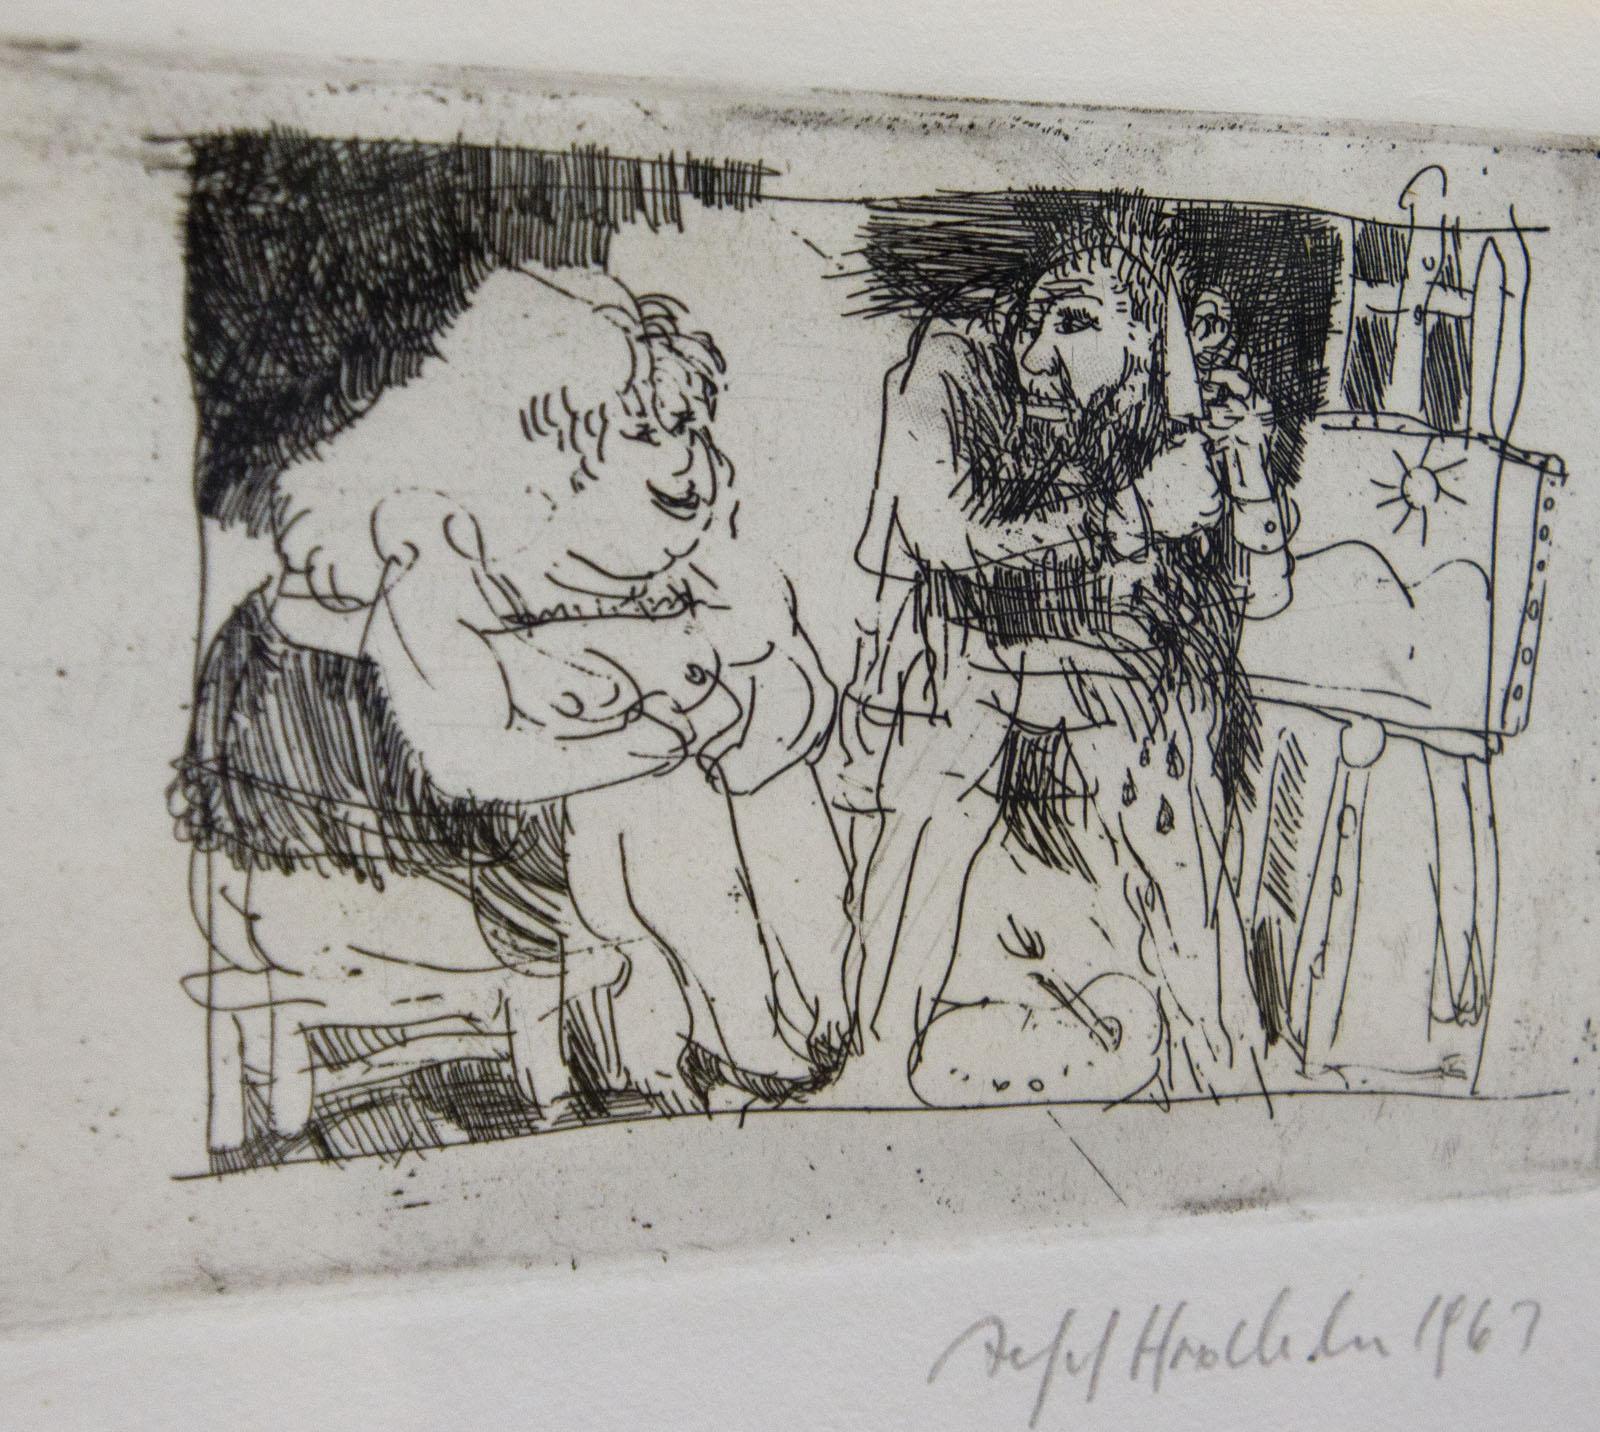 Фото №76557. Ван Гог отрезает себе ухо. 1963. Альфред Хрдличка (1928-2009)